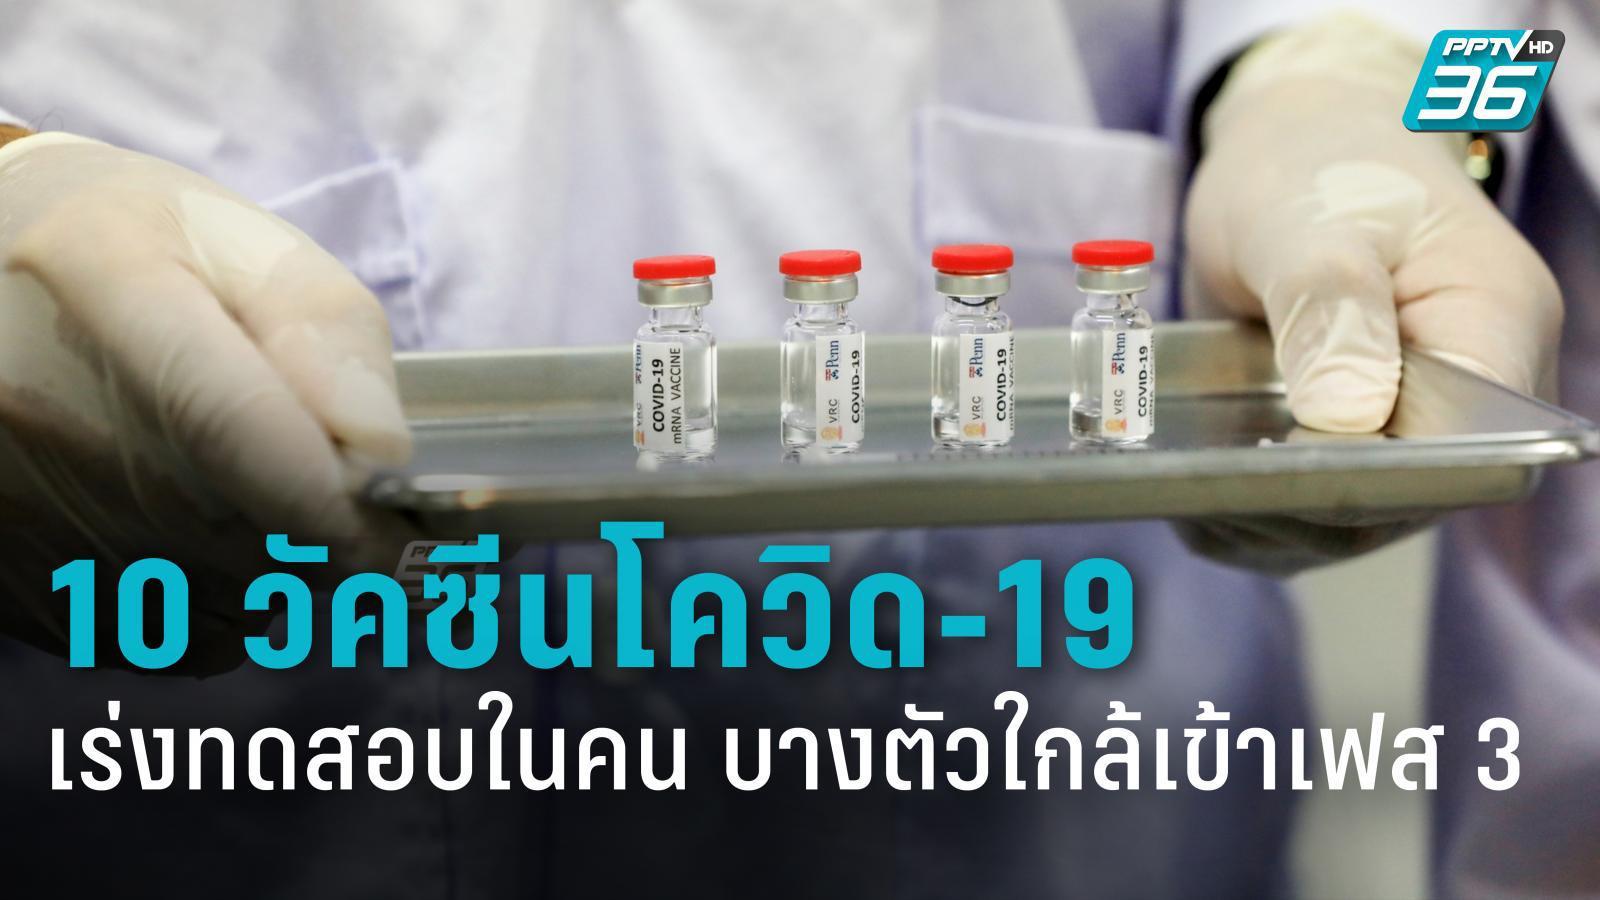 อัปเดต 10 วัคซีนโควิด-19 ที่ทดสอบในมนุษย์ บางชนิดใกล้ทดสอบเฟส 3